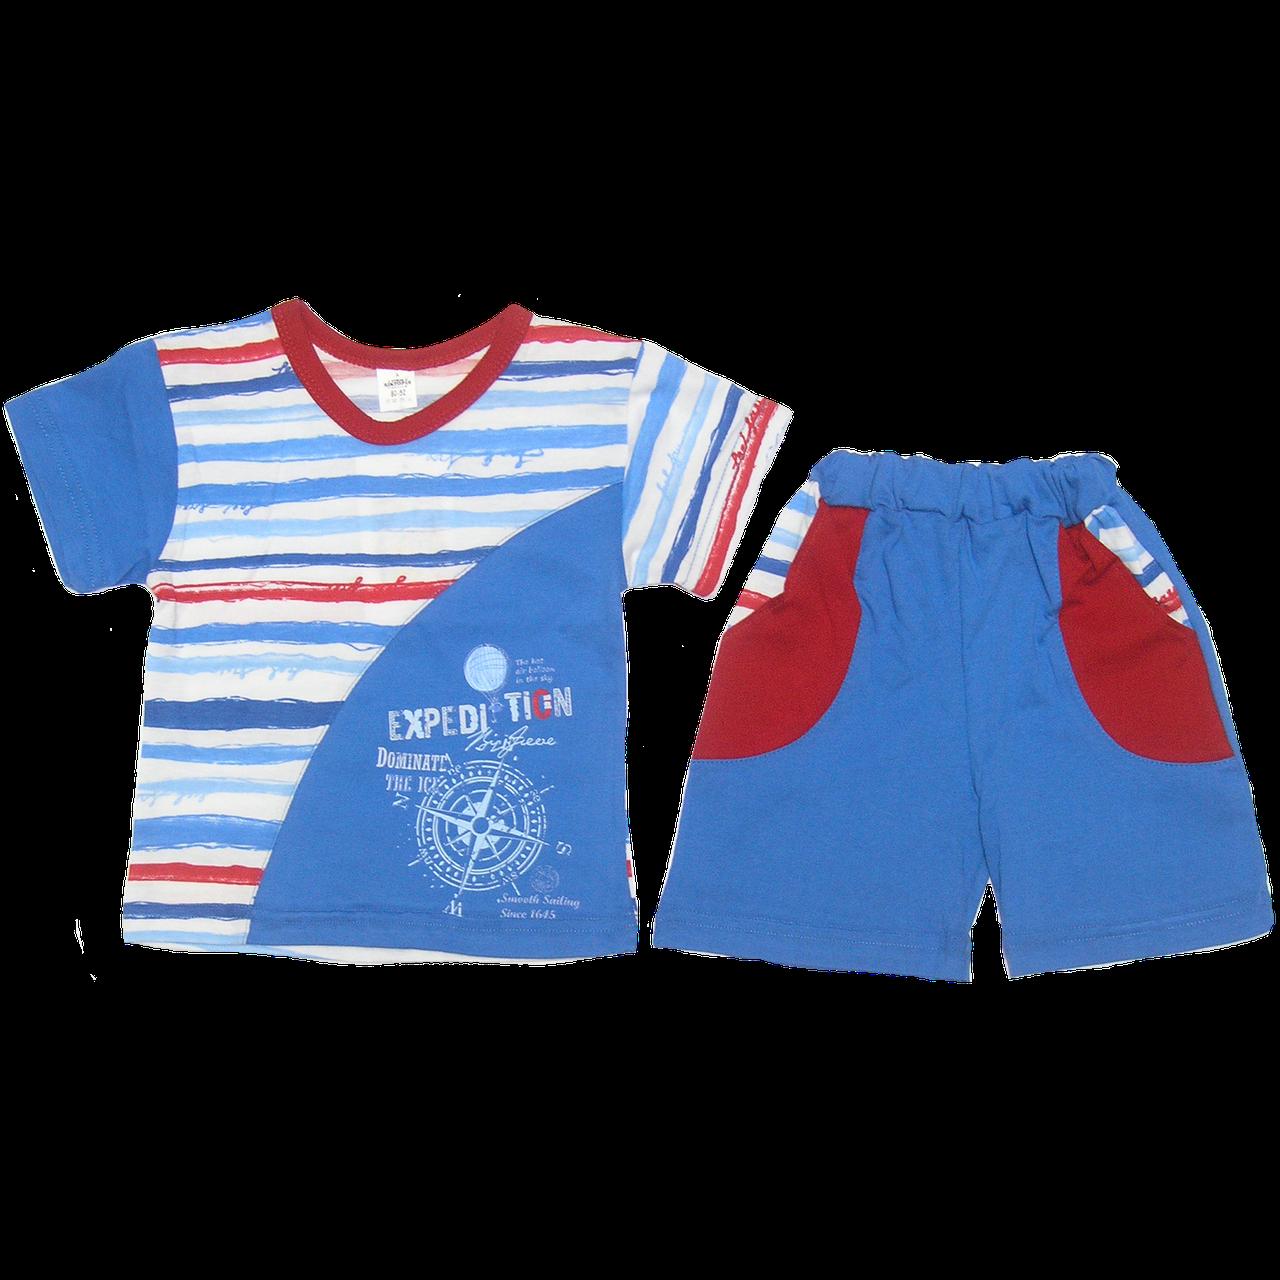 Детский летний костюмчик: футболка и шортики, тонкий хлопок; ТМ Виктория, р. 86, 92, 98, 104, 110